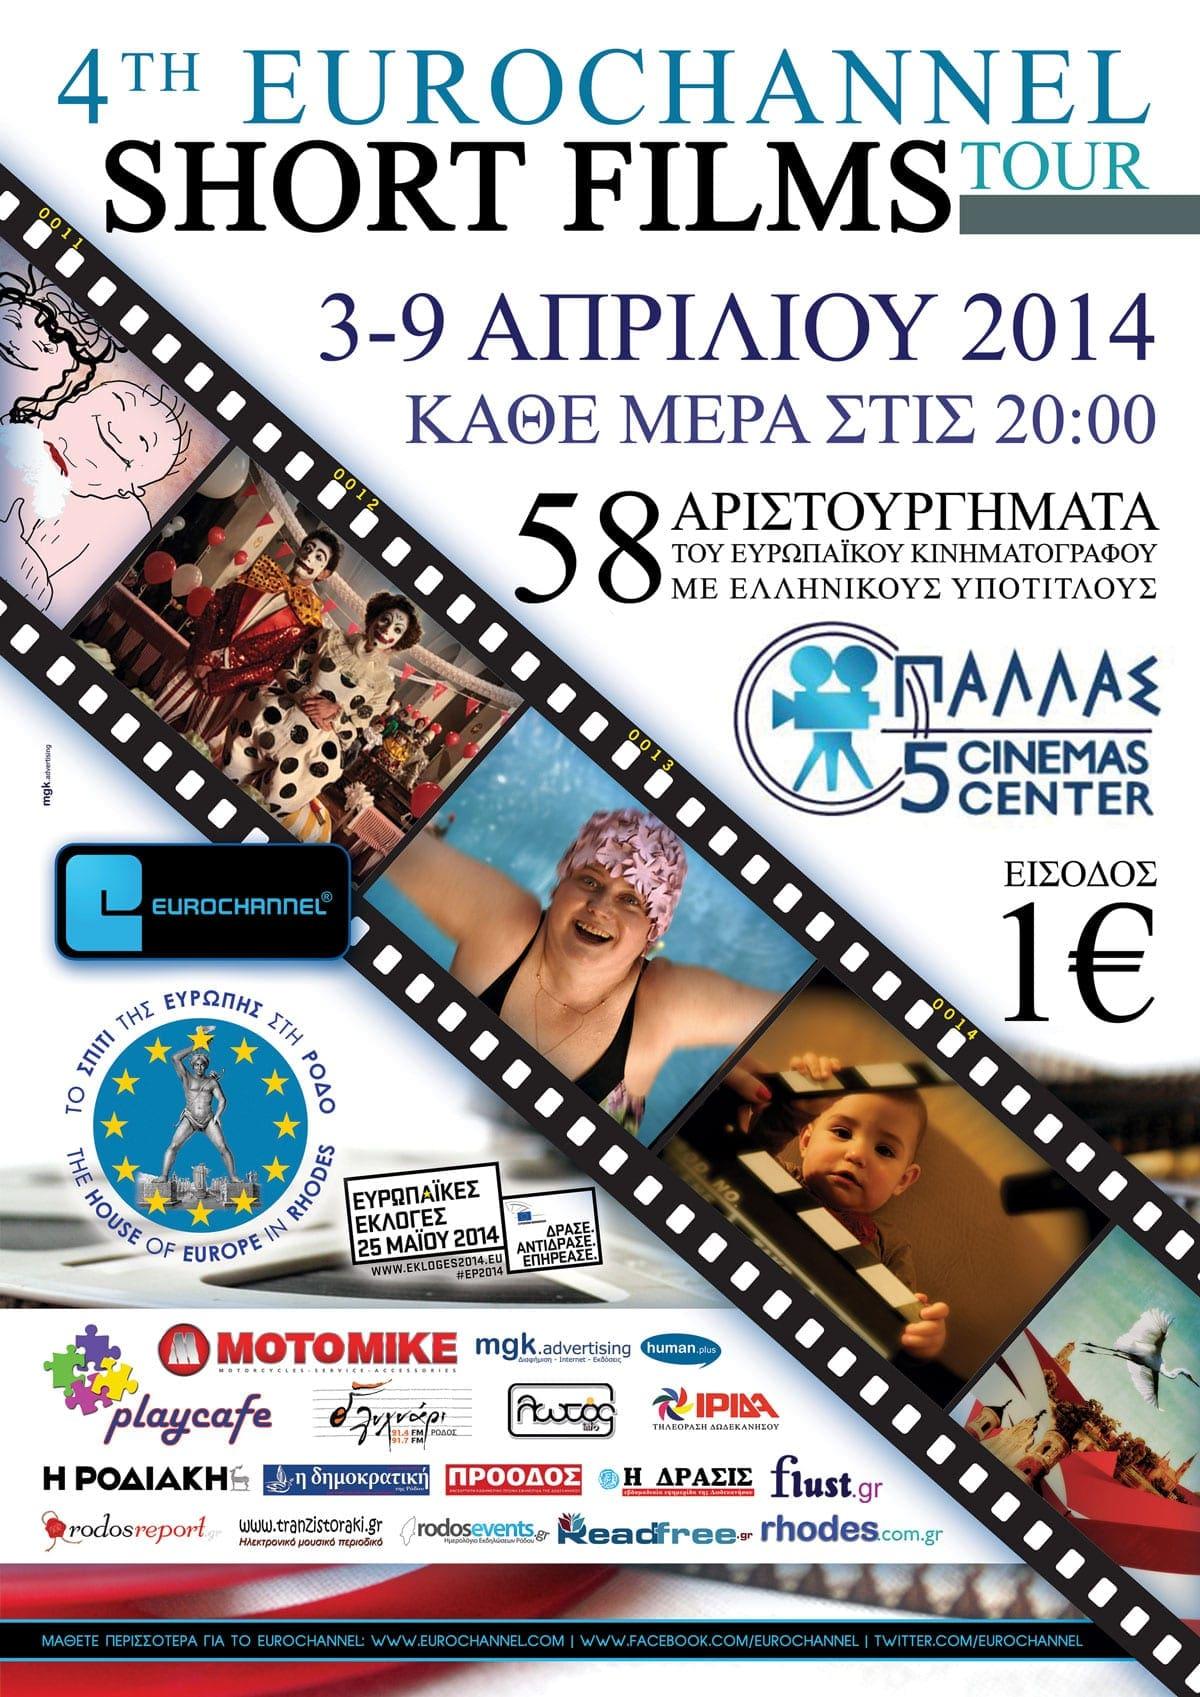 eurochannel201404_poster